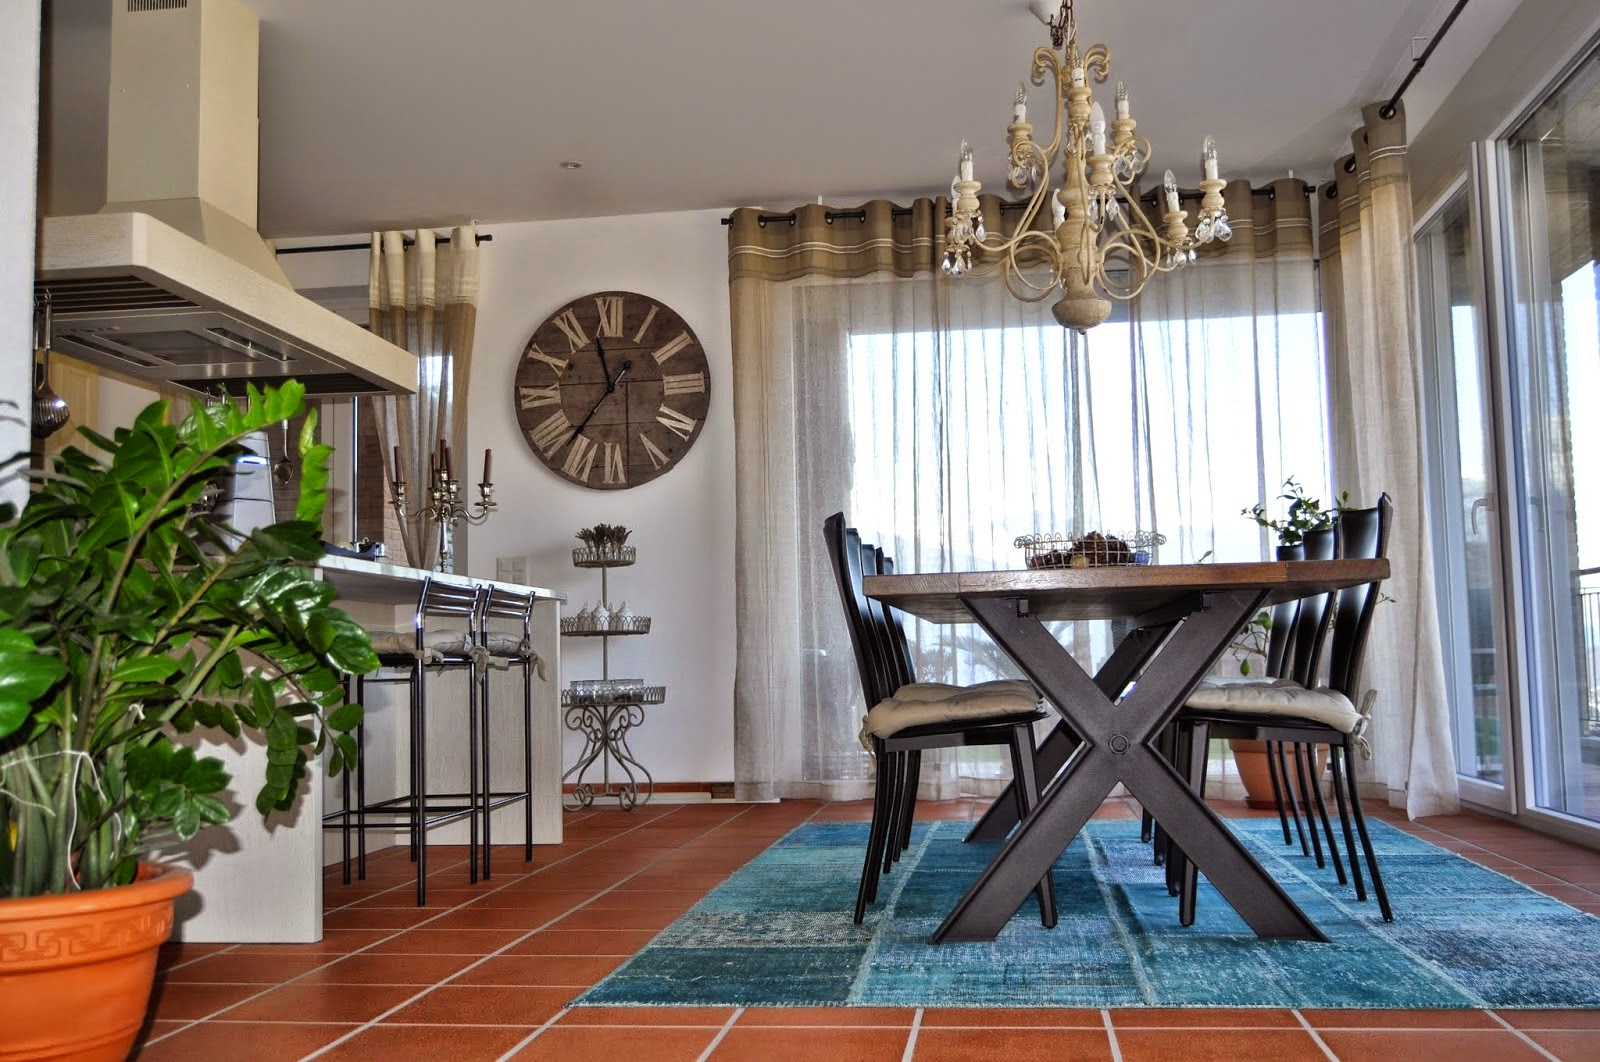 La Mia Sala Da Pranzo Con Il Tavolo In Marcato Stile Urban Chic Di  #436718 1600 1062 Sala Da Pranzo Scavolini